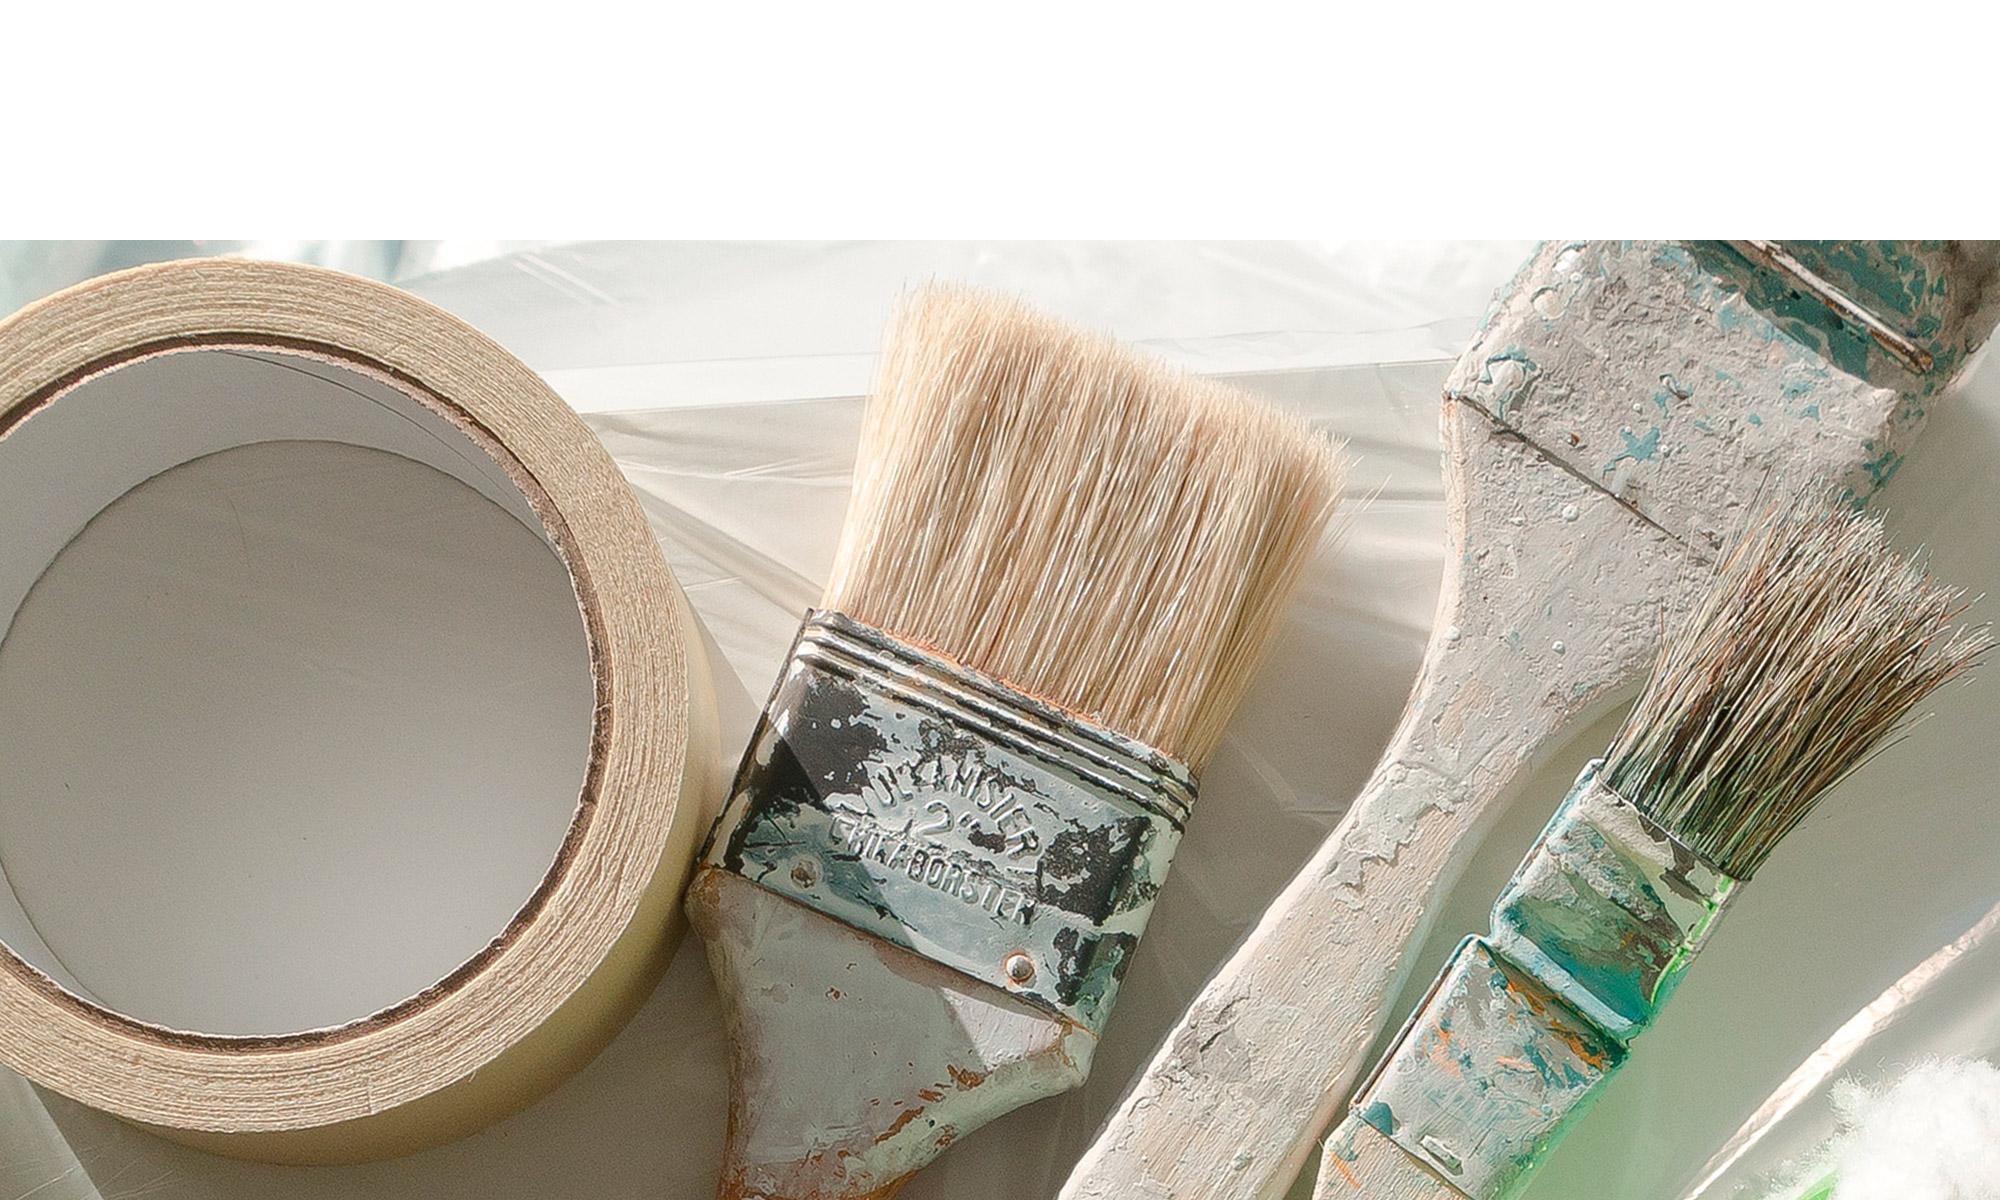 Ihr Maler und Stukkateurbetrieb